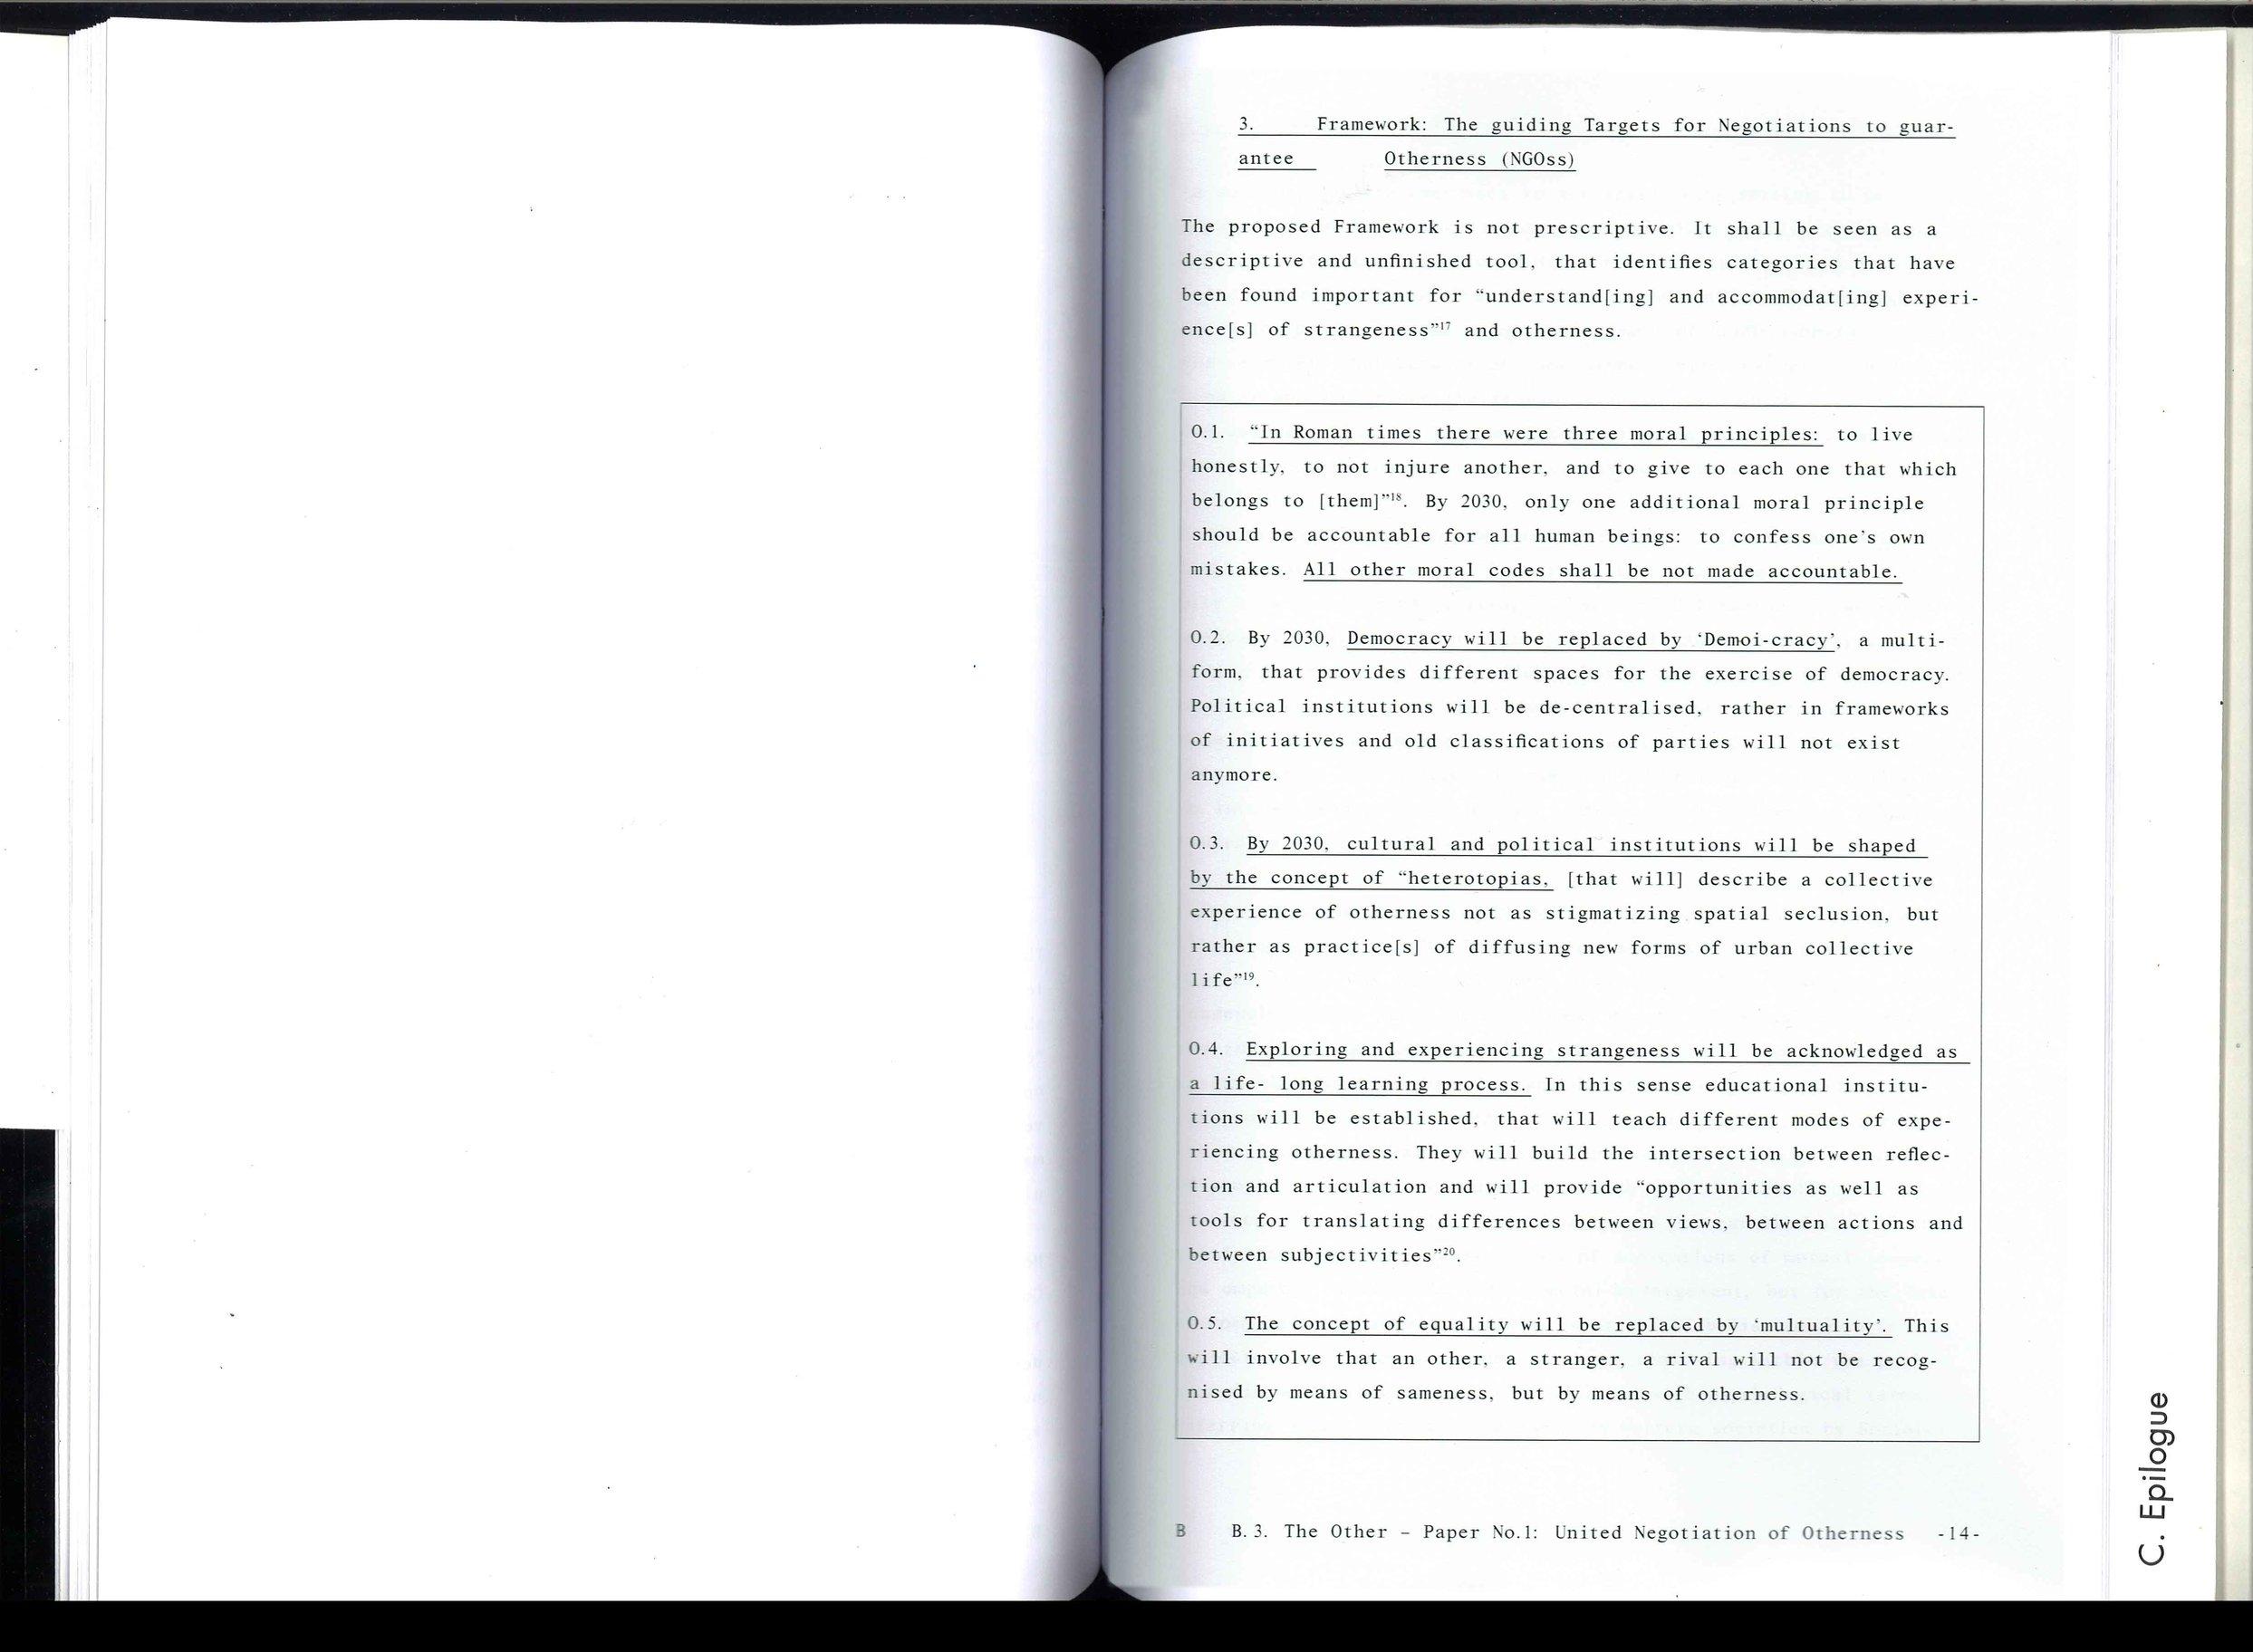 thesis_scans_72dpi (16 von 18).jpg